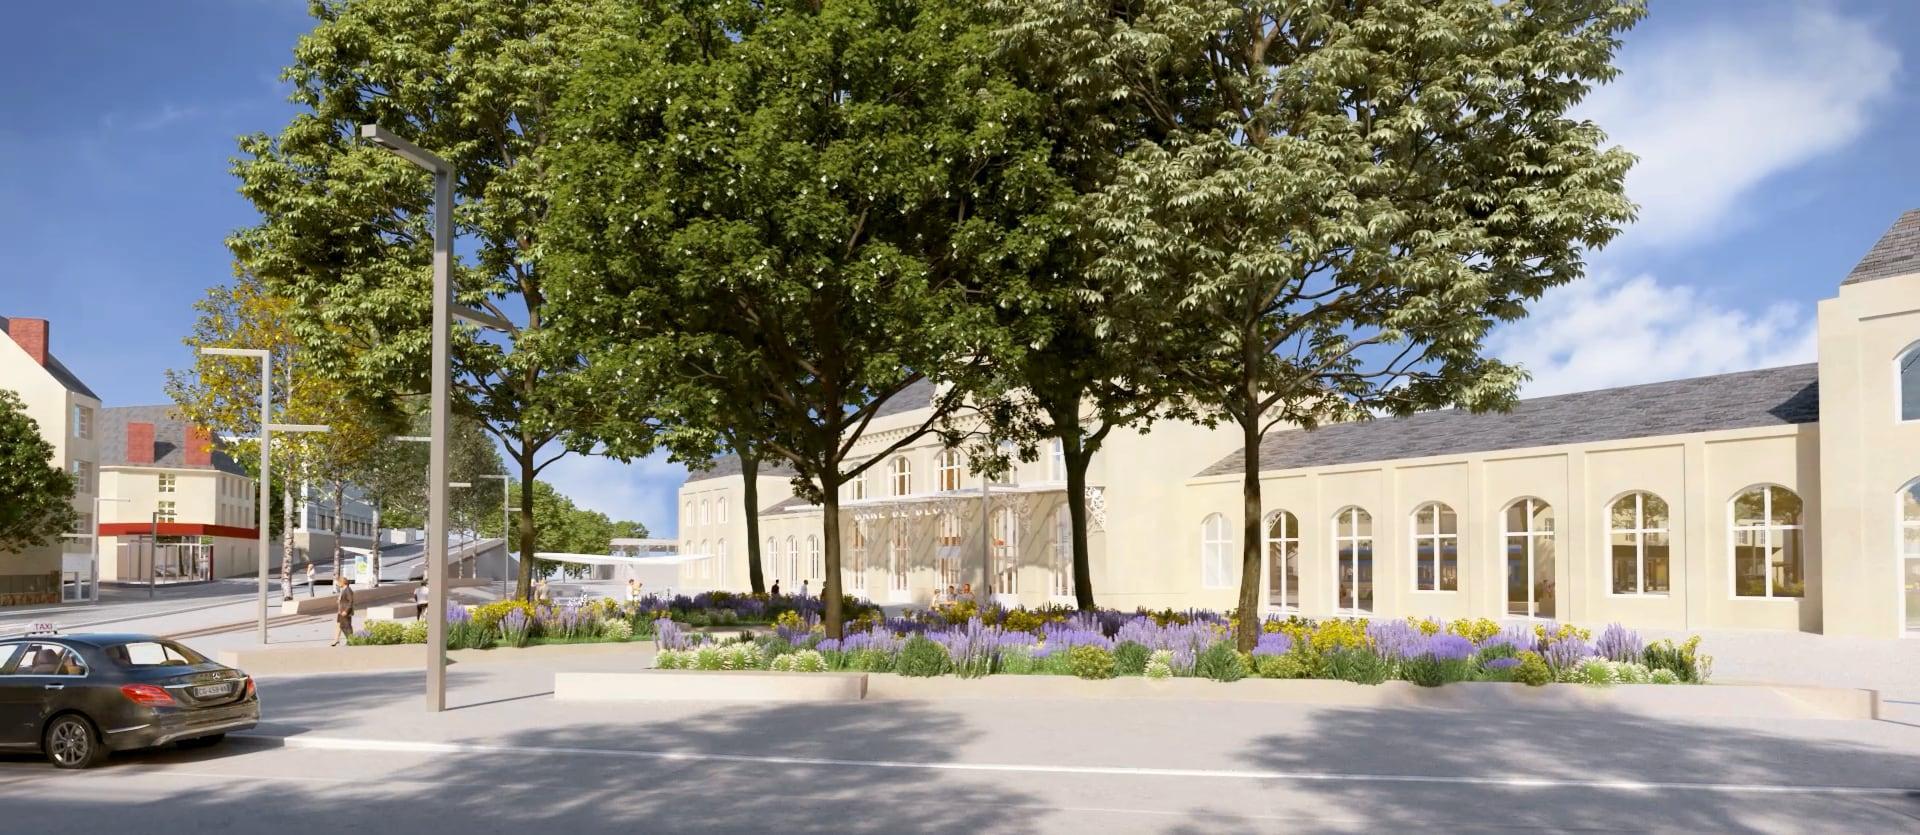 Projection du futur parvis delagare, désormais entièrement réservé aux circulations douces et végétalisé. La façade de la gare est visible en arrière-plan.